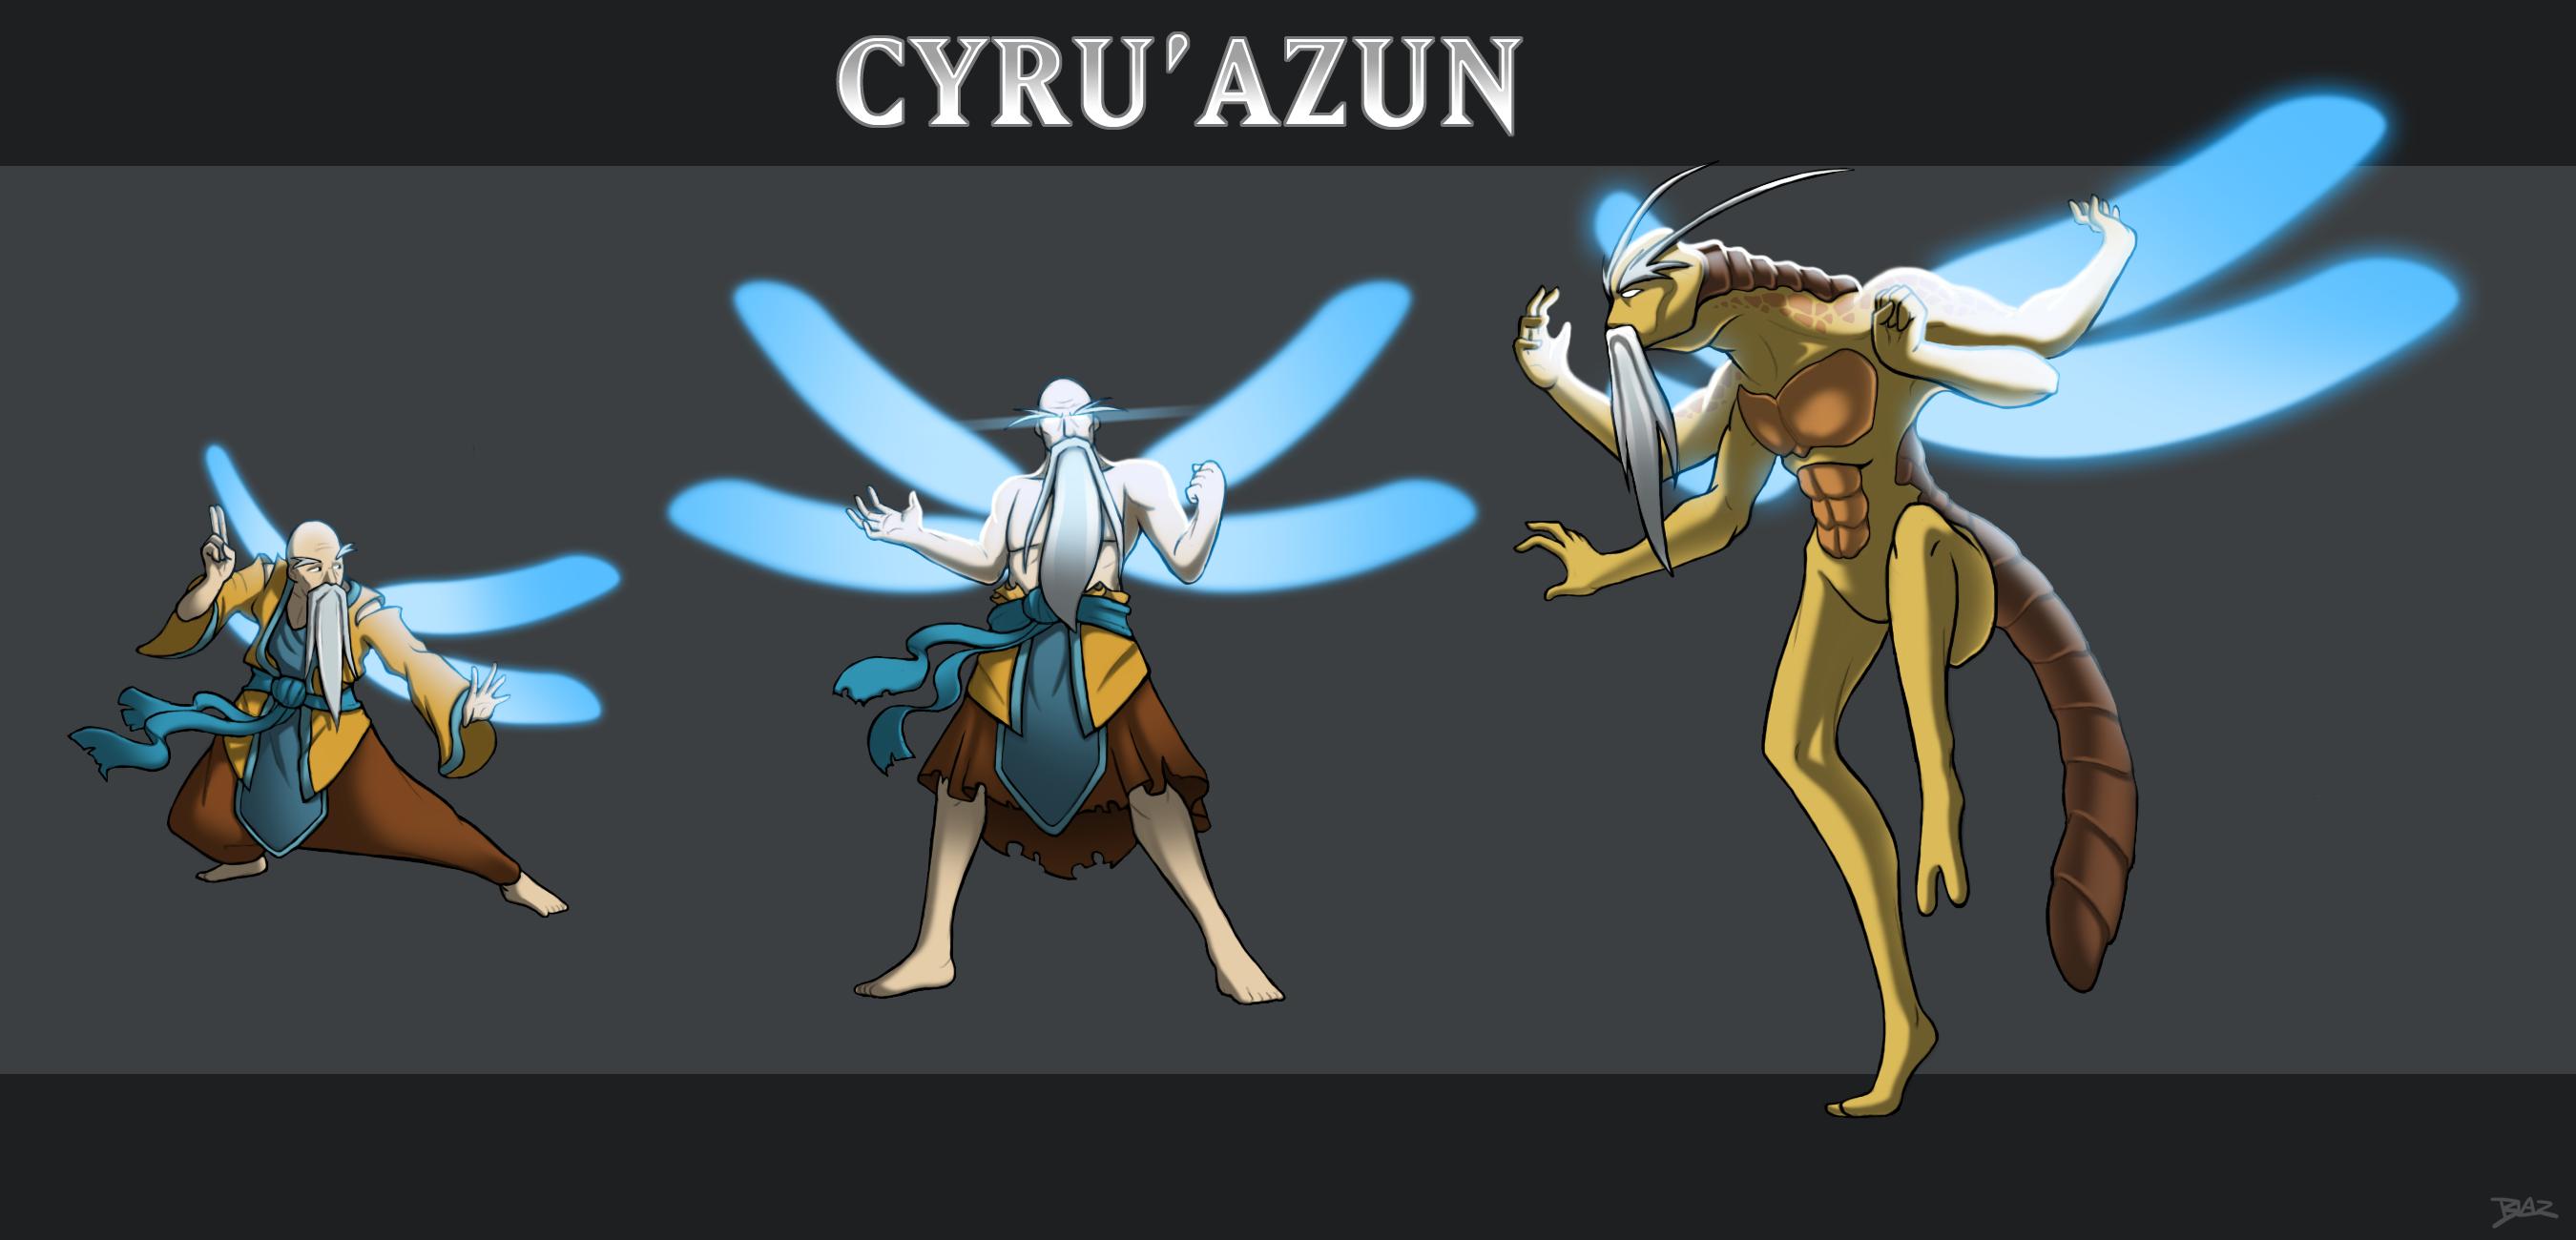 Cyru'Azun by Blazbaros